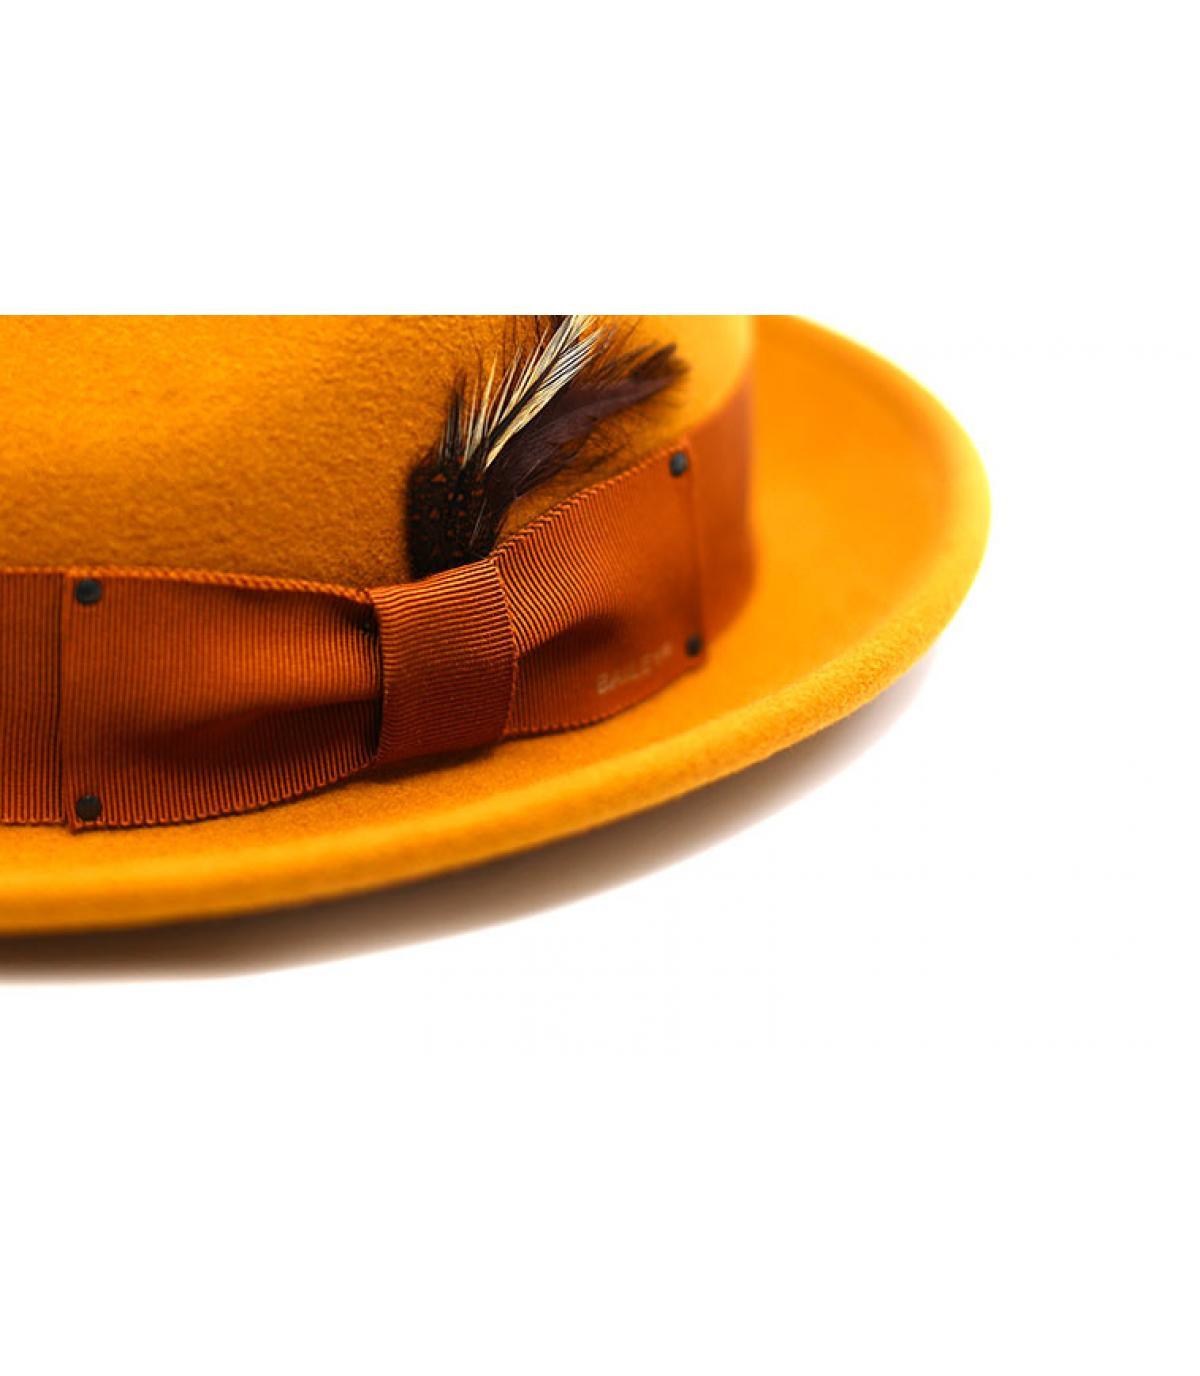 Détails The Tino satchel - image 3